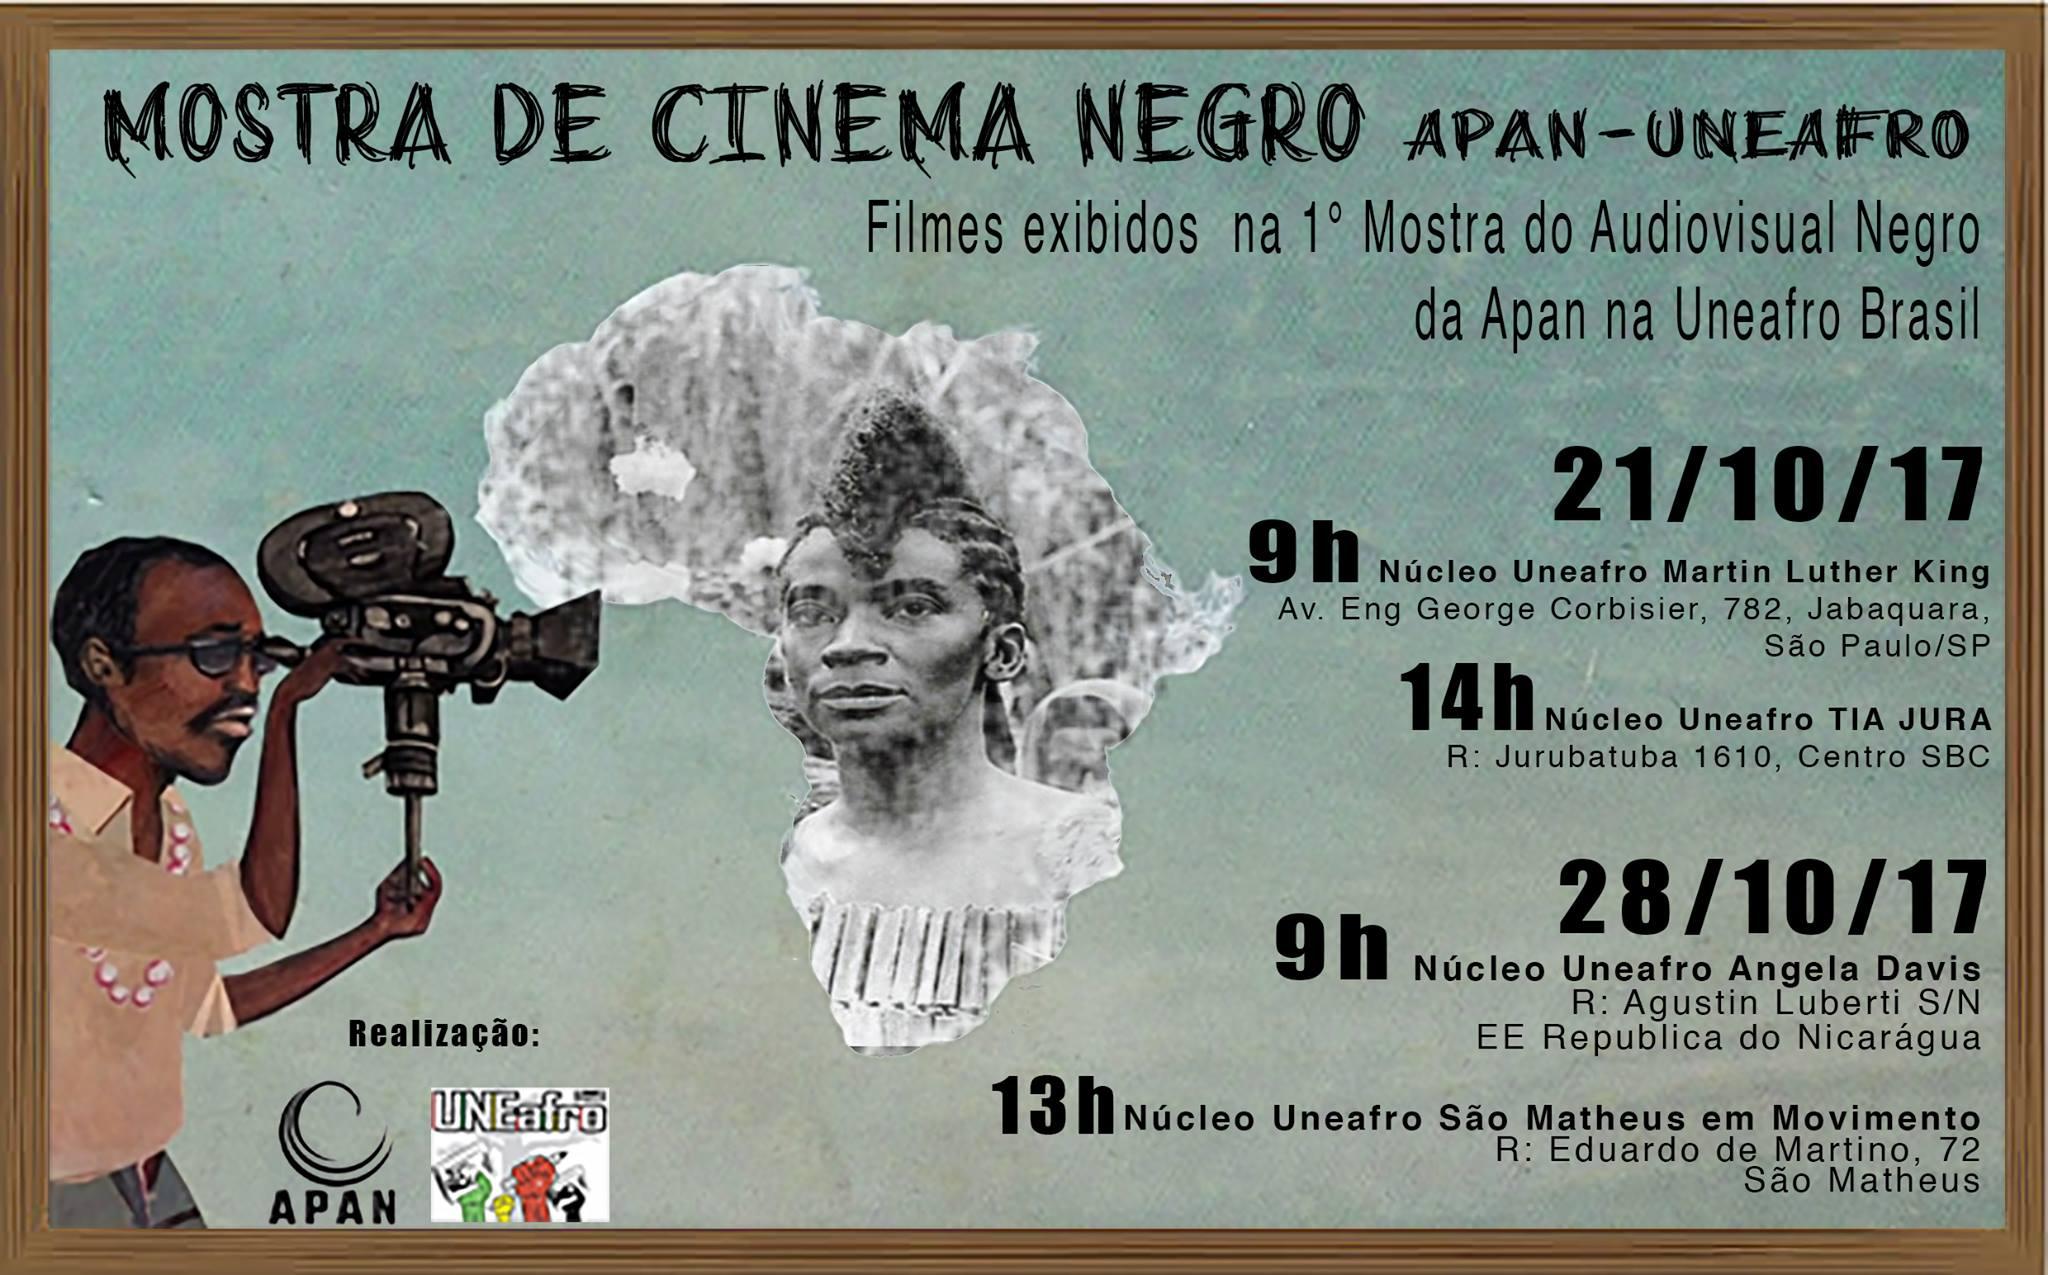 Mostra Cinema Negro acontece em 4 núcleos da Uneafro